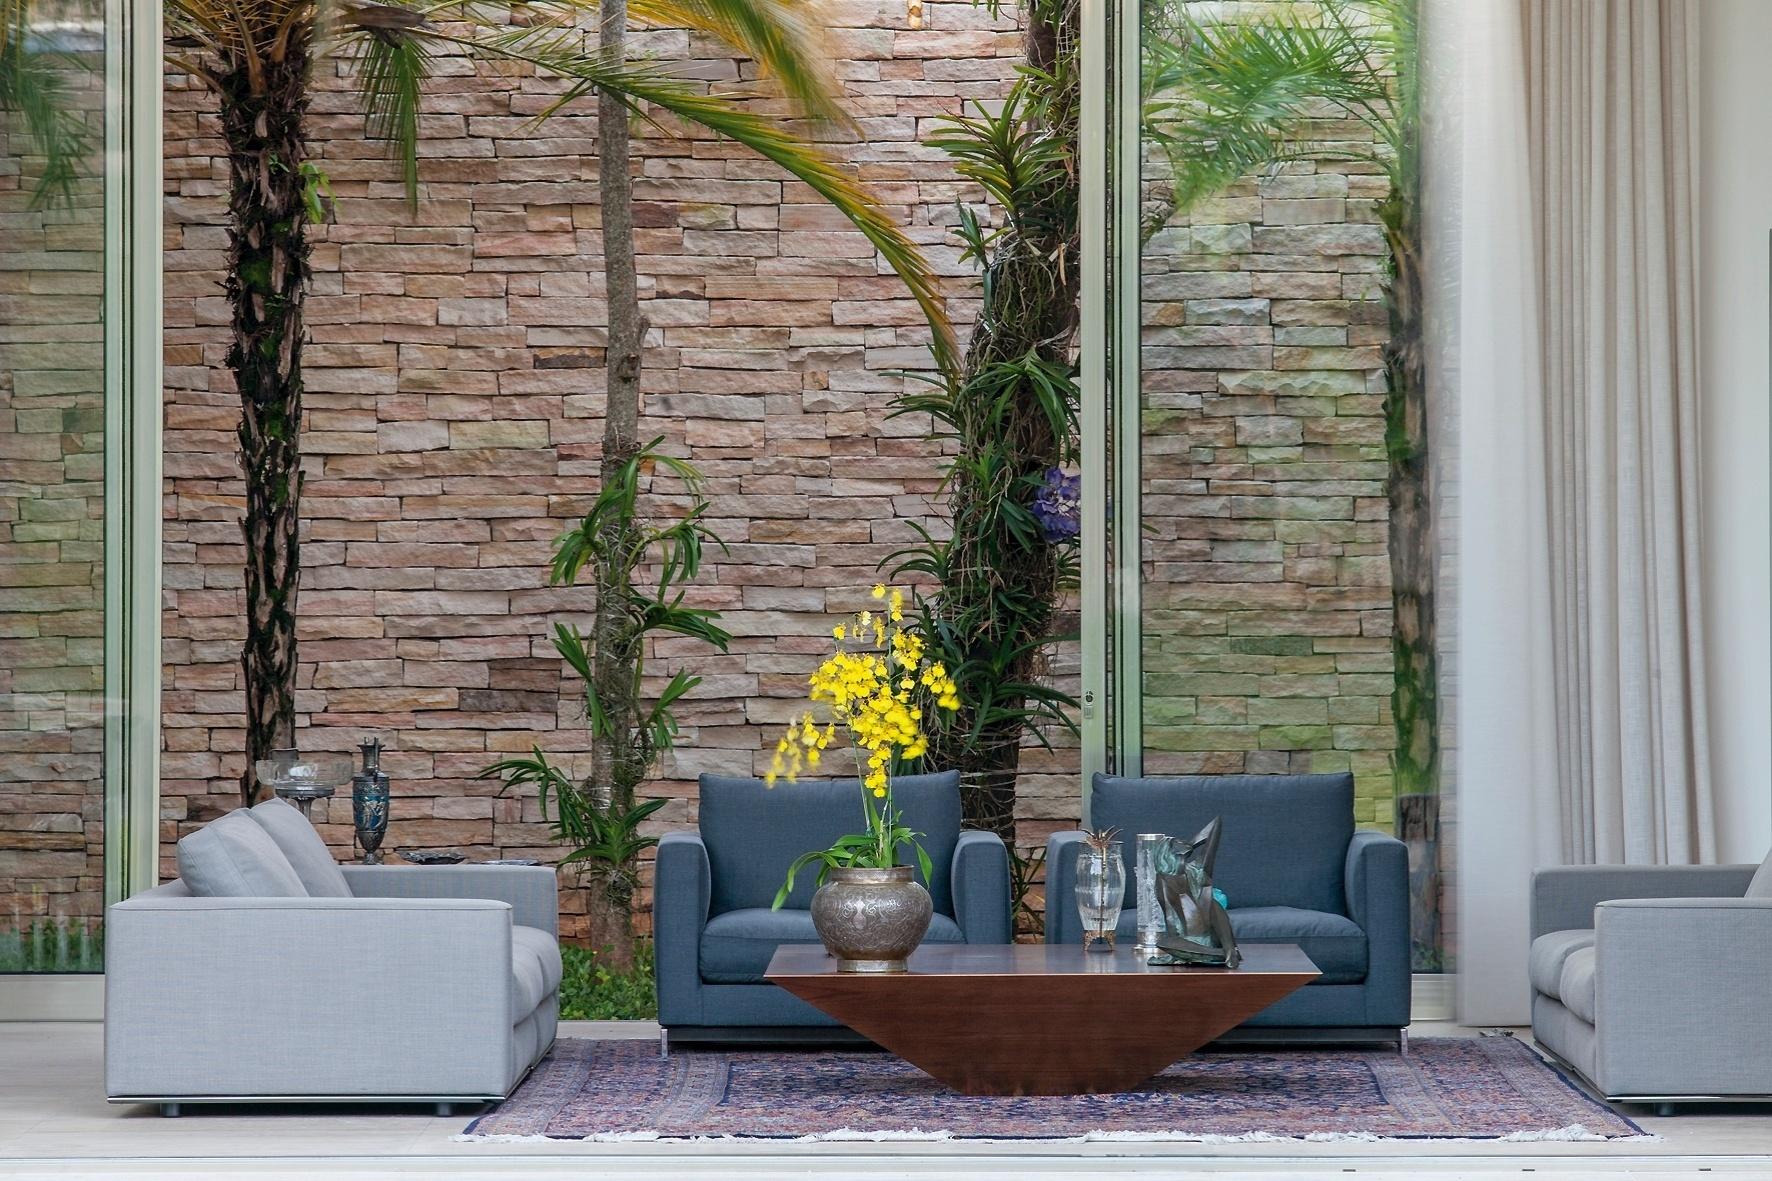 Com cinco metros de pé-direito, o living se abre para um jardim de inverno, onde uma árvore sibipiruna antiga foi preservada. O revestimento em pedra concede um visual rústico em harmonia com a discreta elegância da decoração